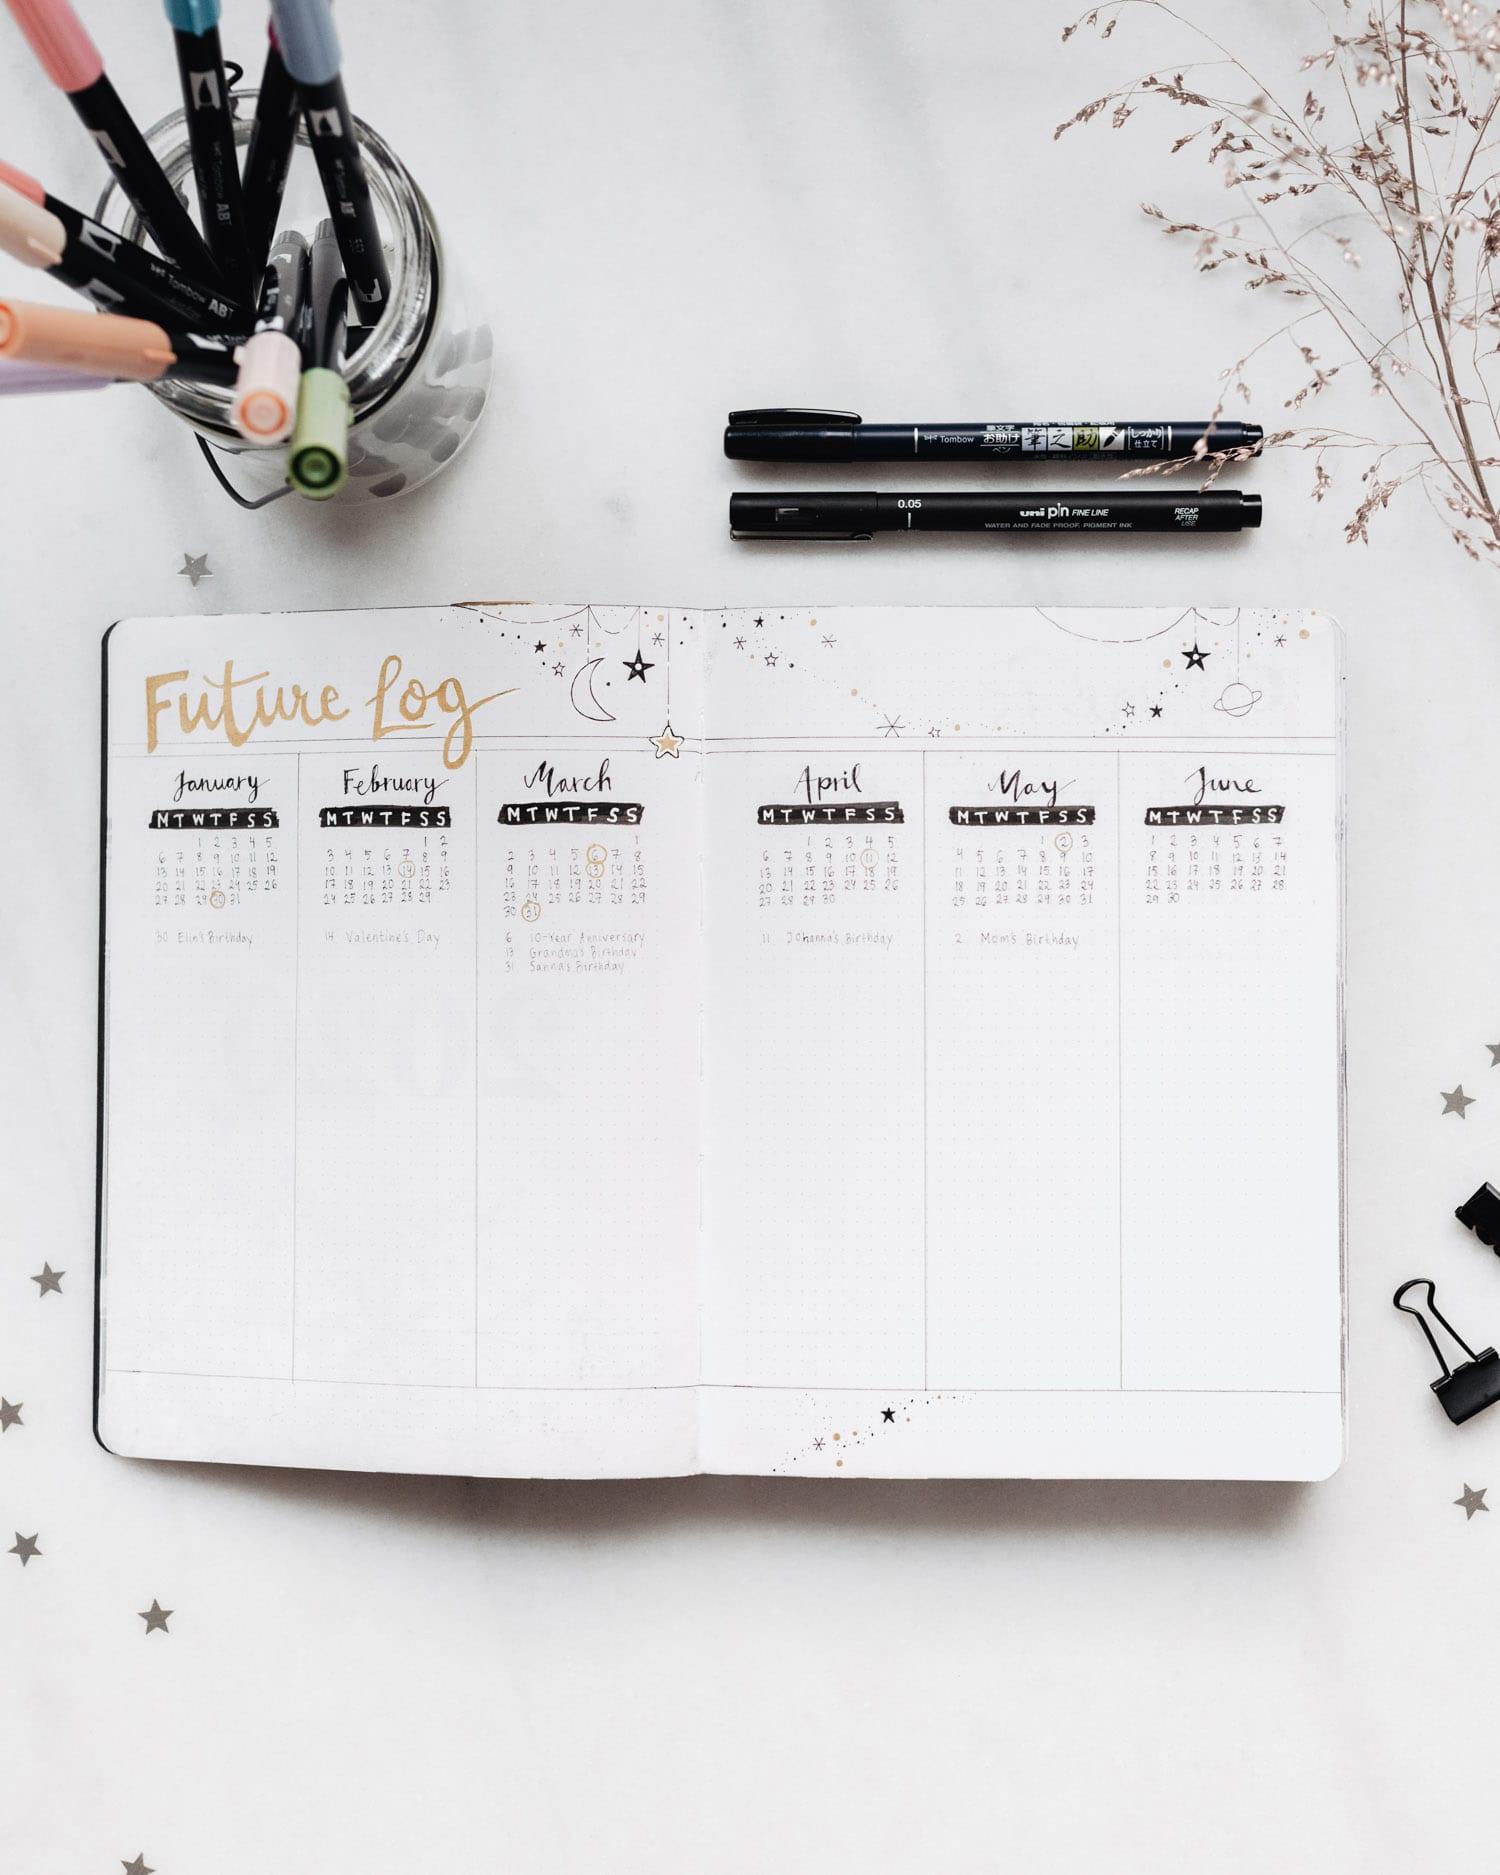 Bullet Journal - Exempel på Framtidsöversikten (Future Log)